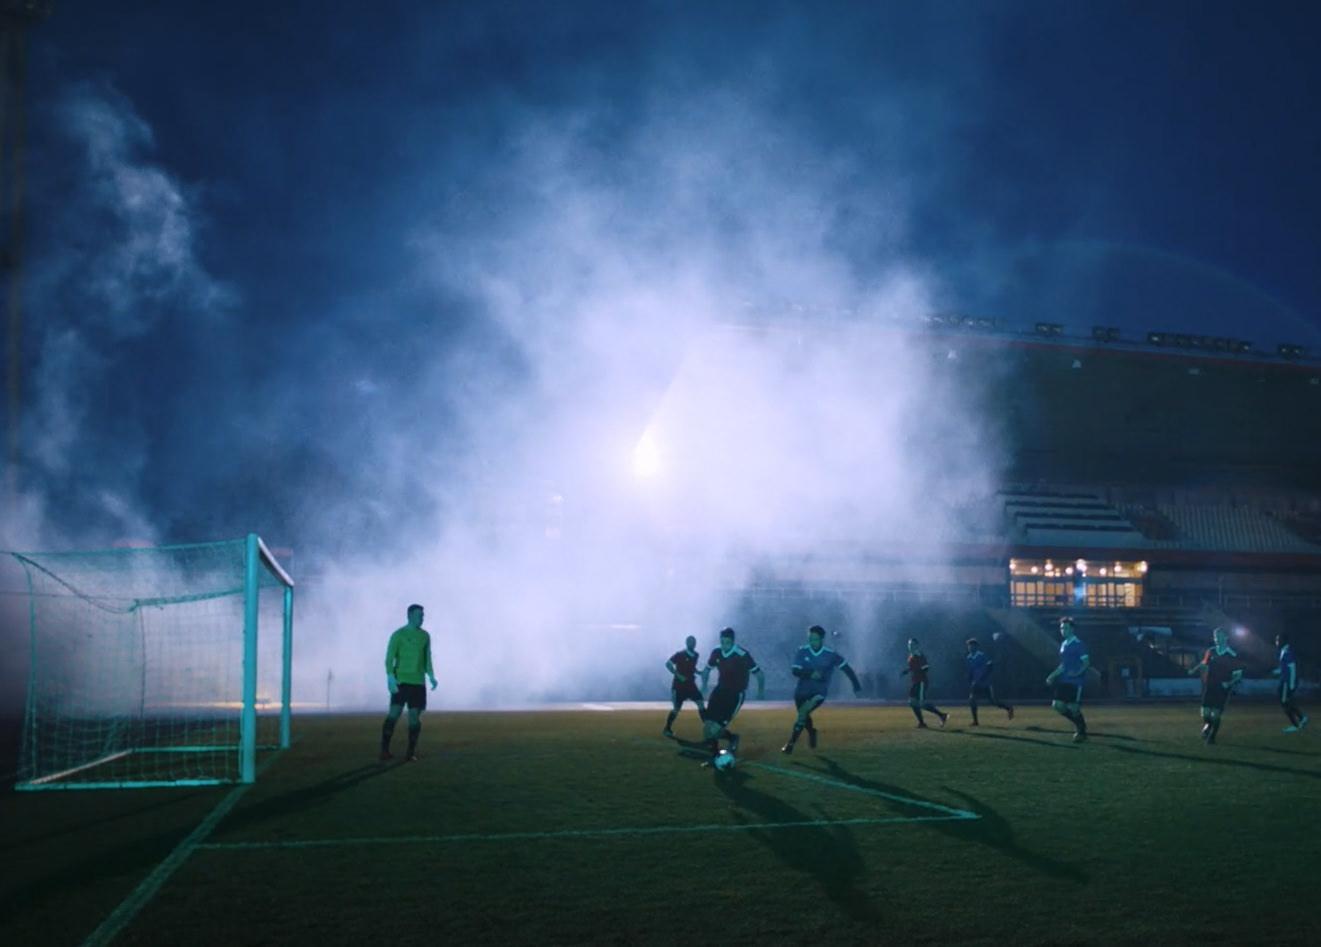 #wedrivefootball – JONAH / Volkswagen